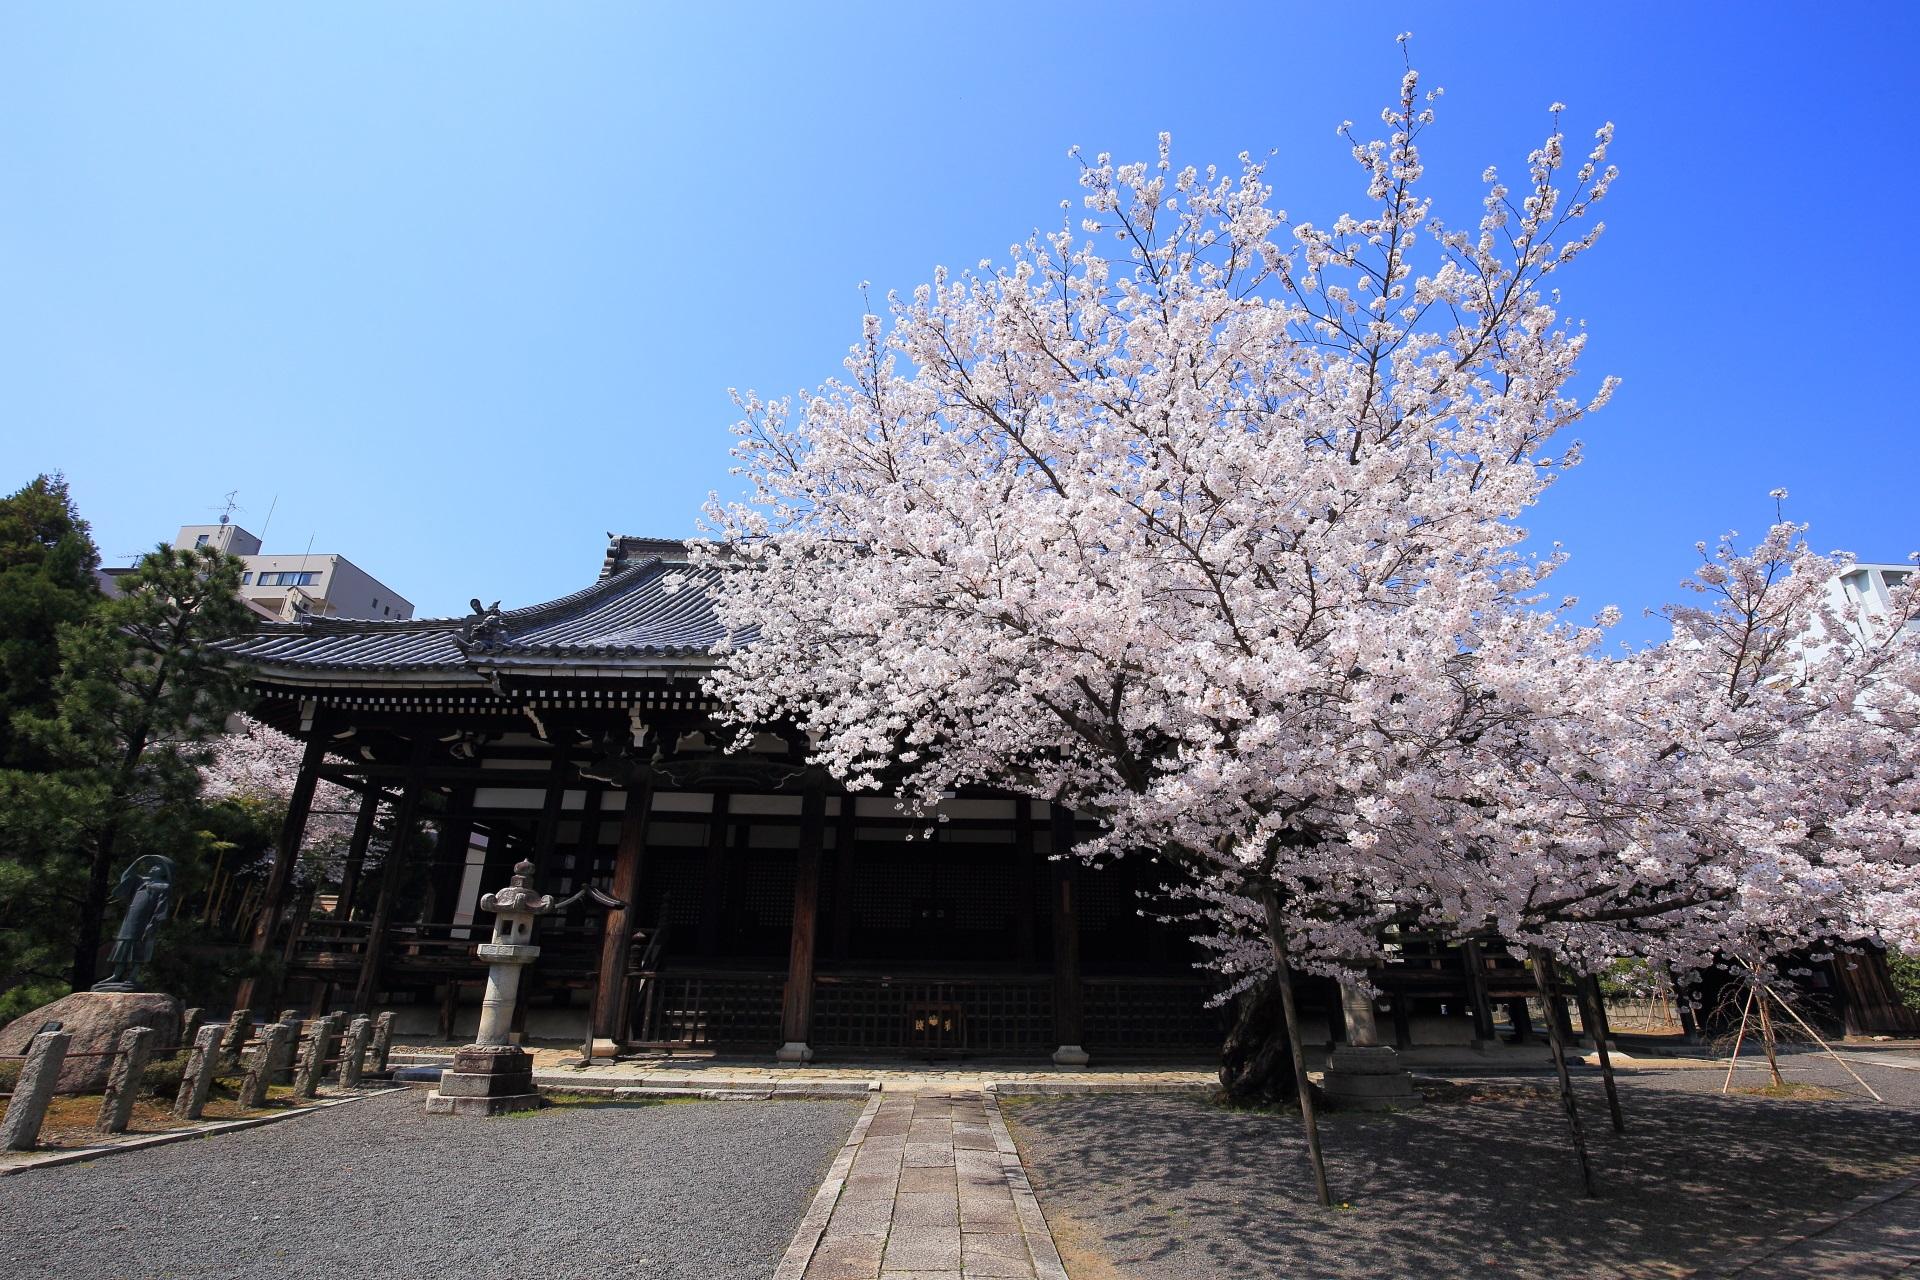 本法寺の本堂と絶品の桜